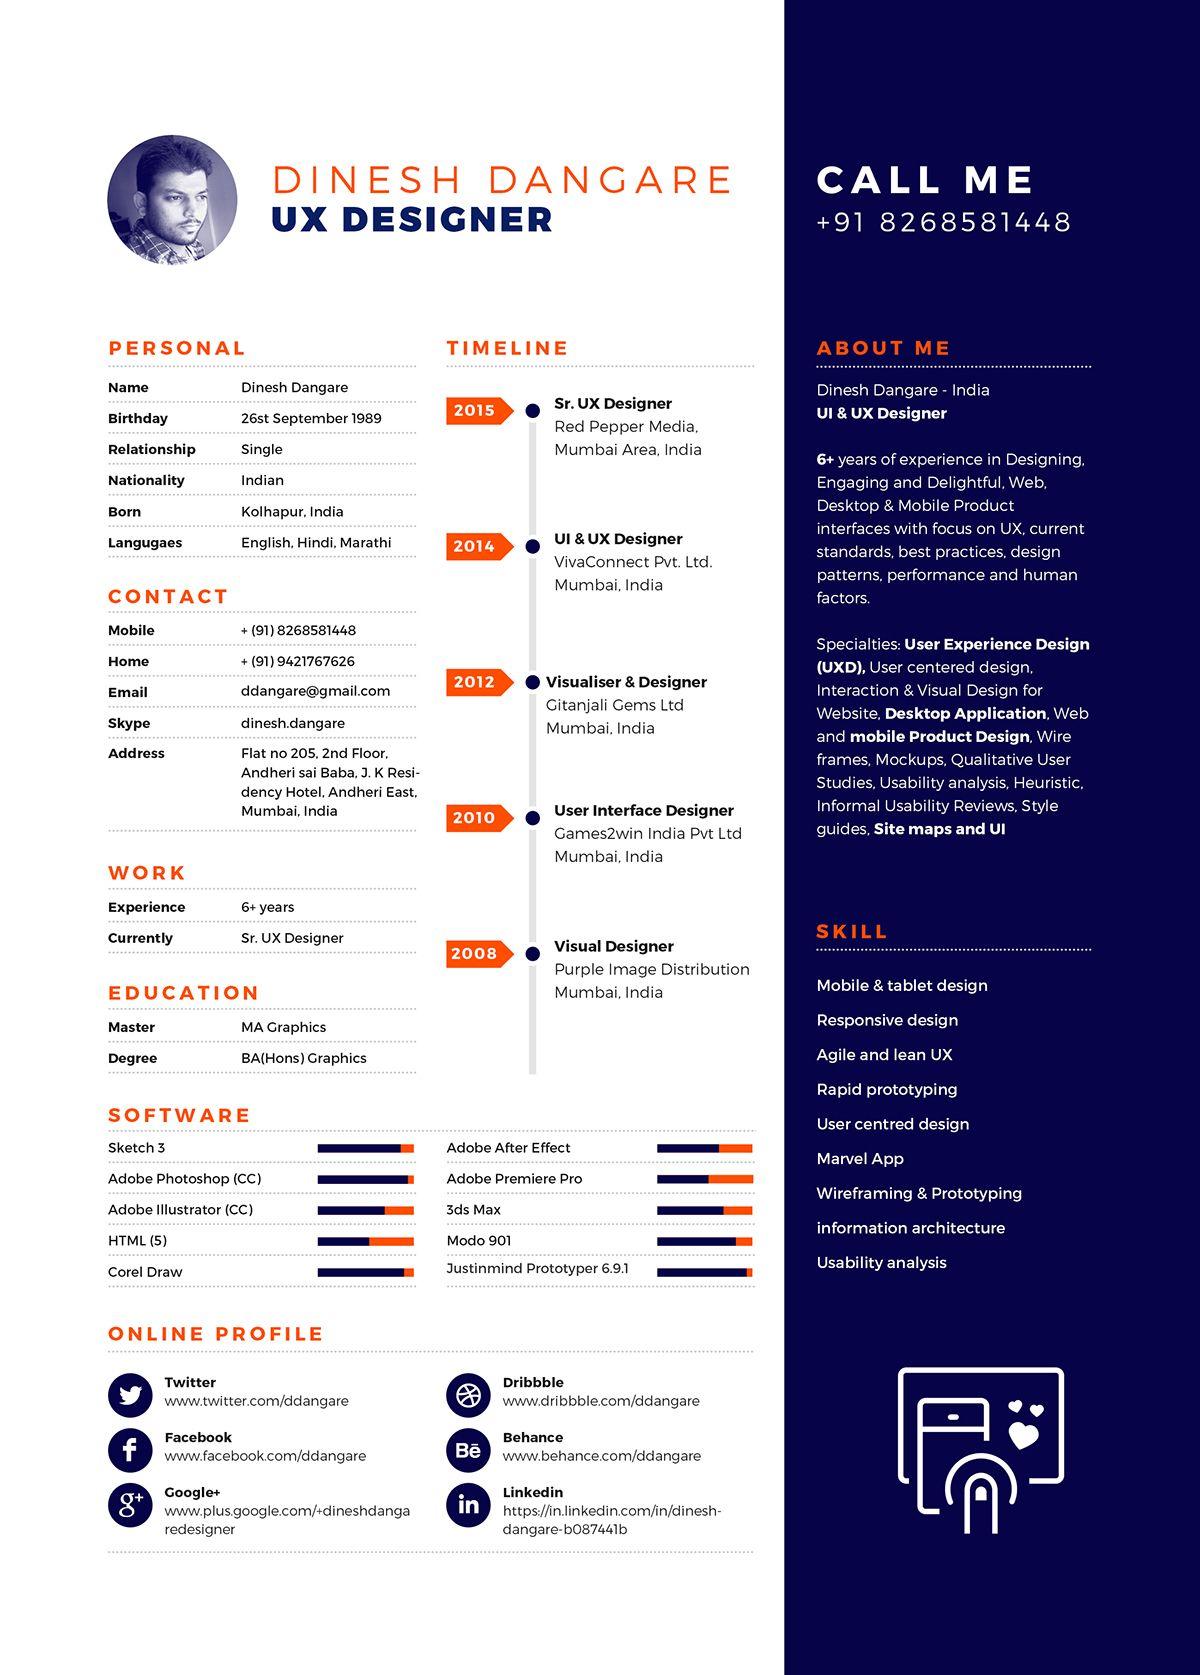 Ux Designer Resume Cv Dinesh Dangare Curriculum Vitae Cv Design Creative Portfolio Template Design Resume Design